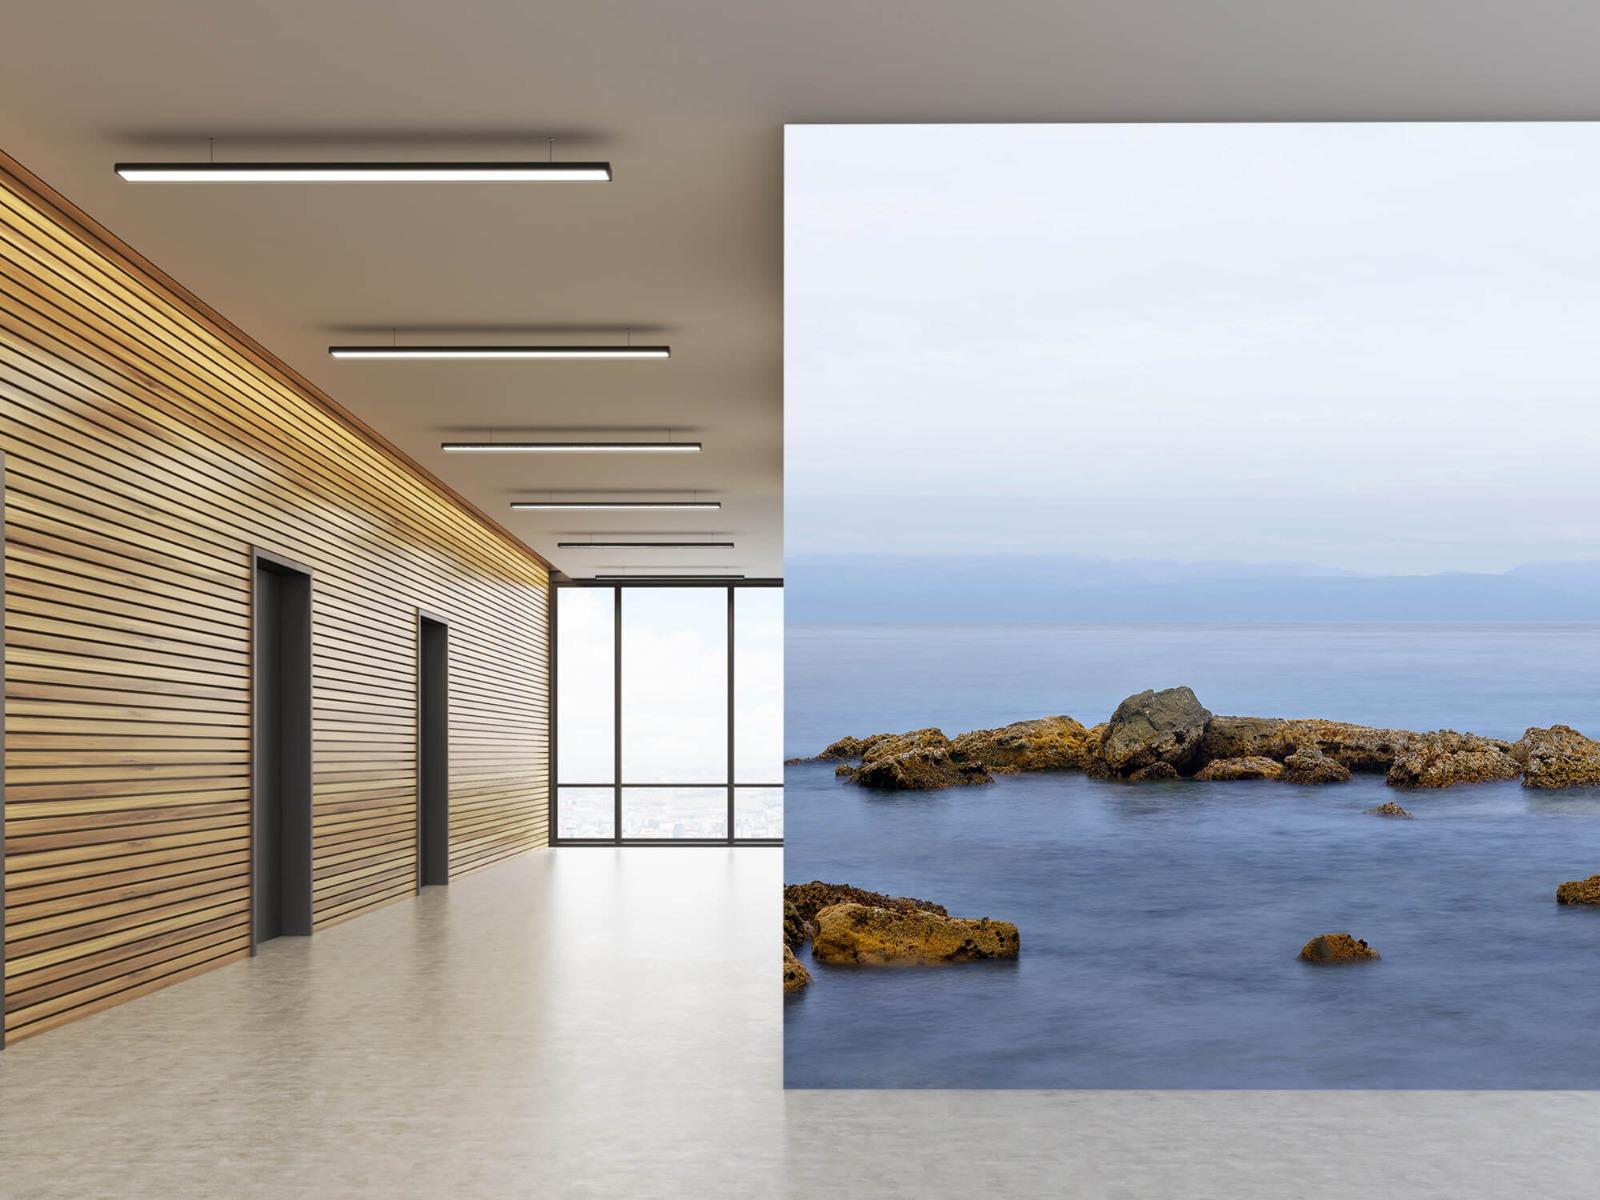 Zeeën en Oceanen - Groep rotsen - Wallexclusive - Woonkamer 5